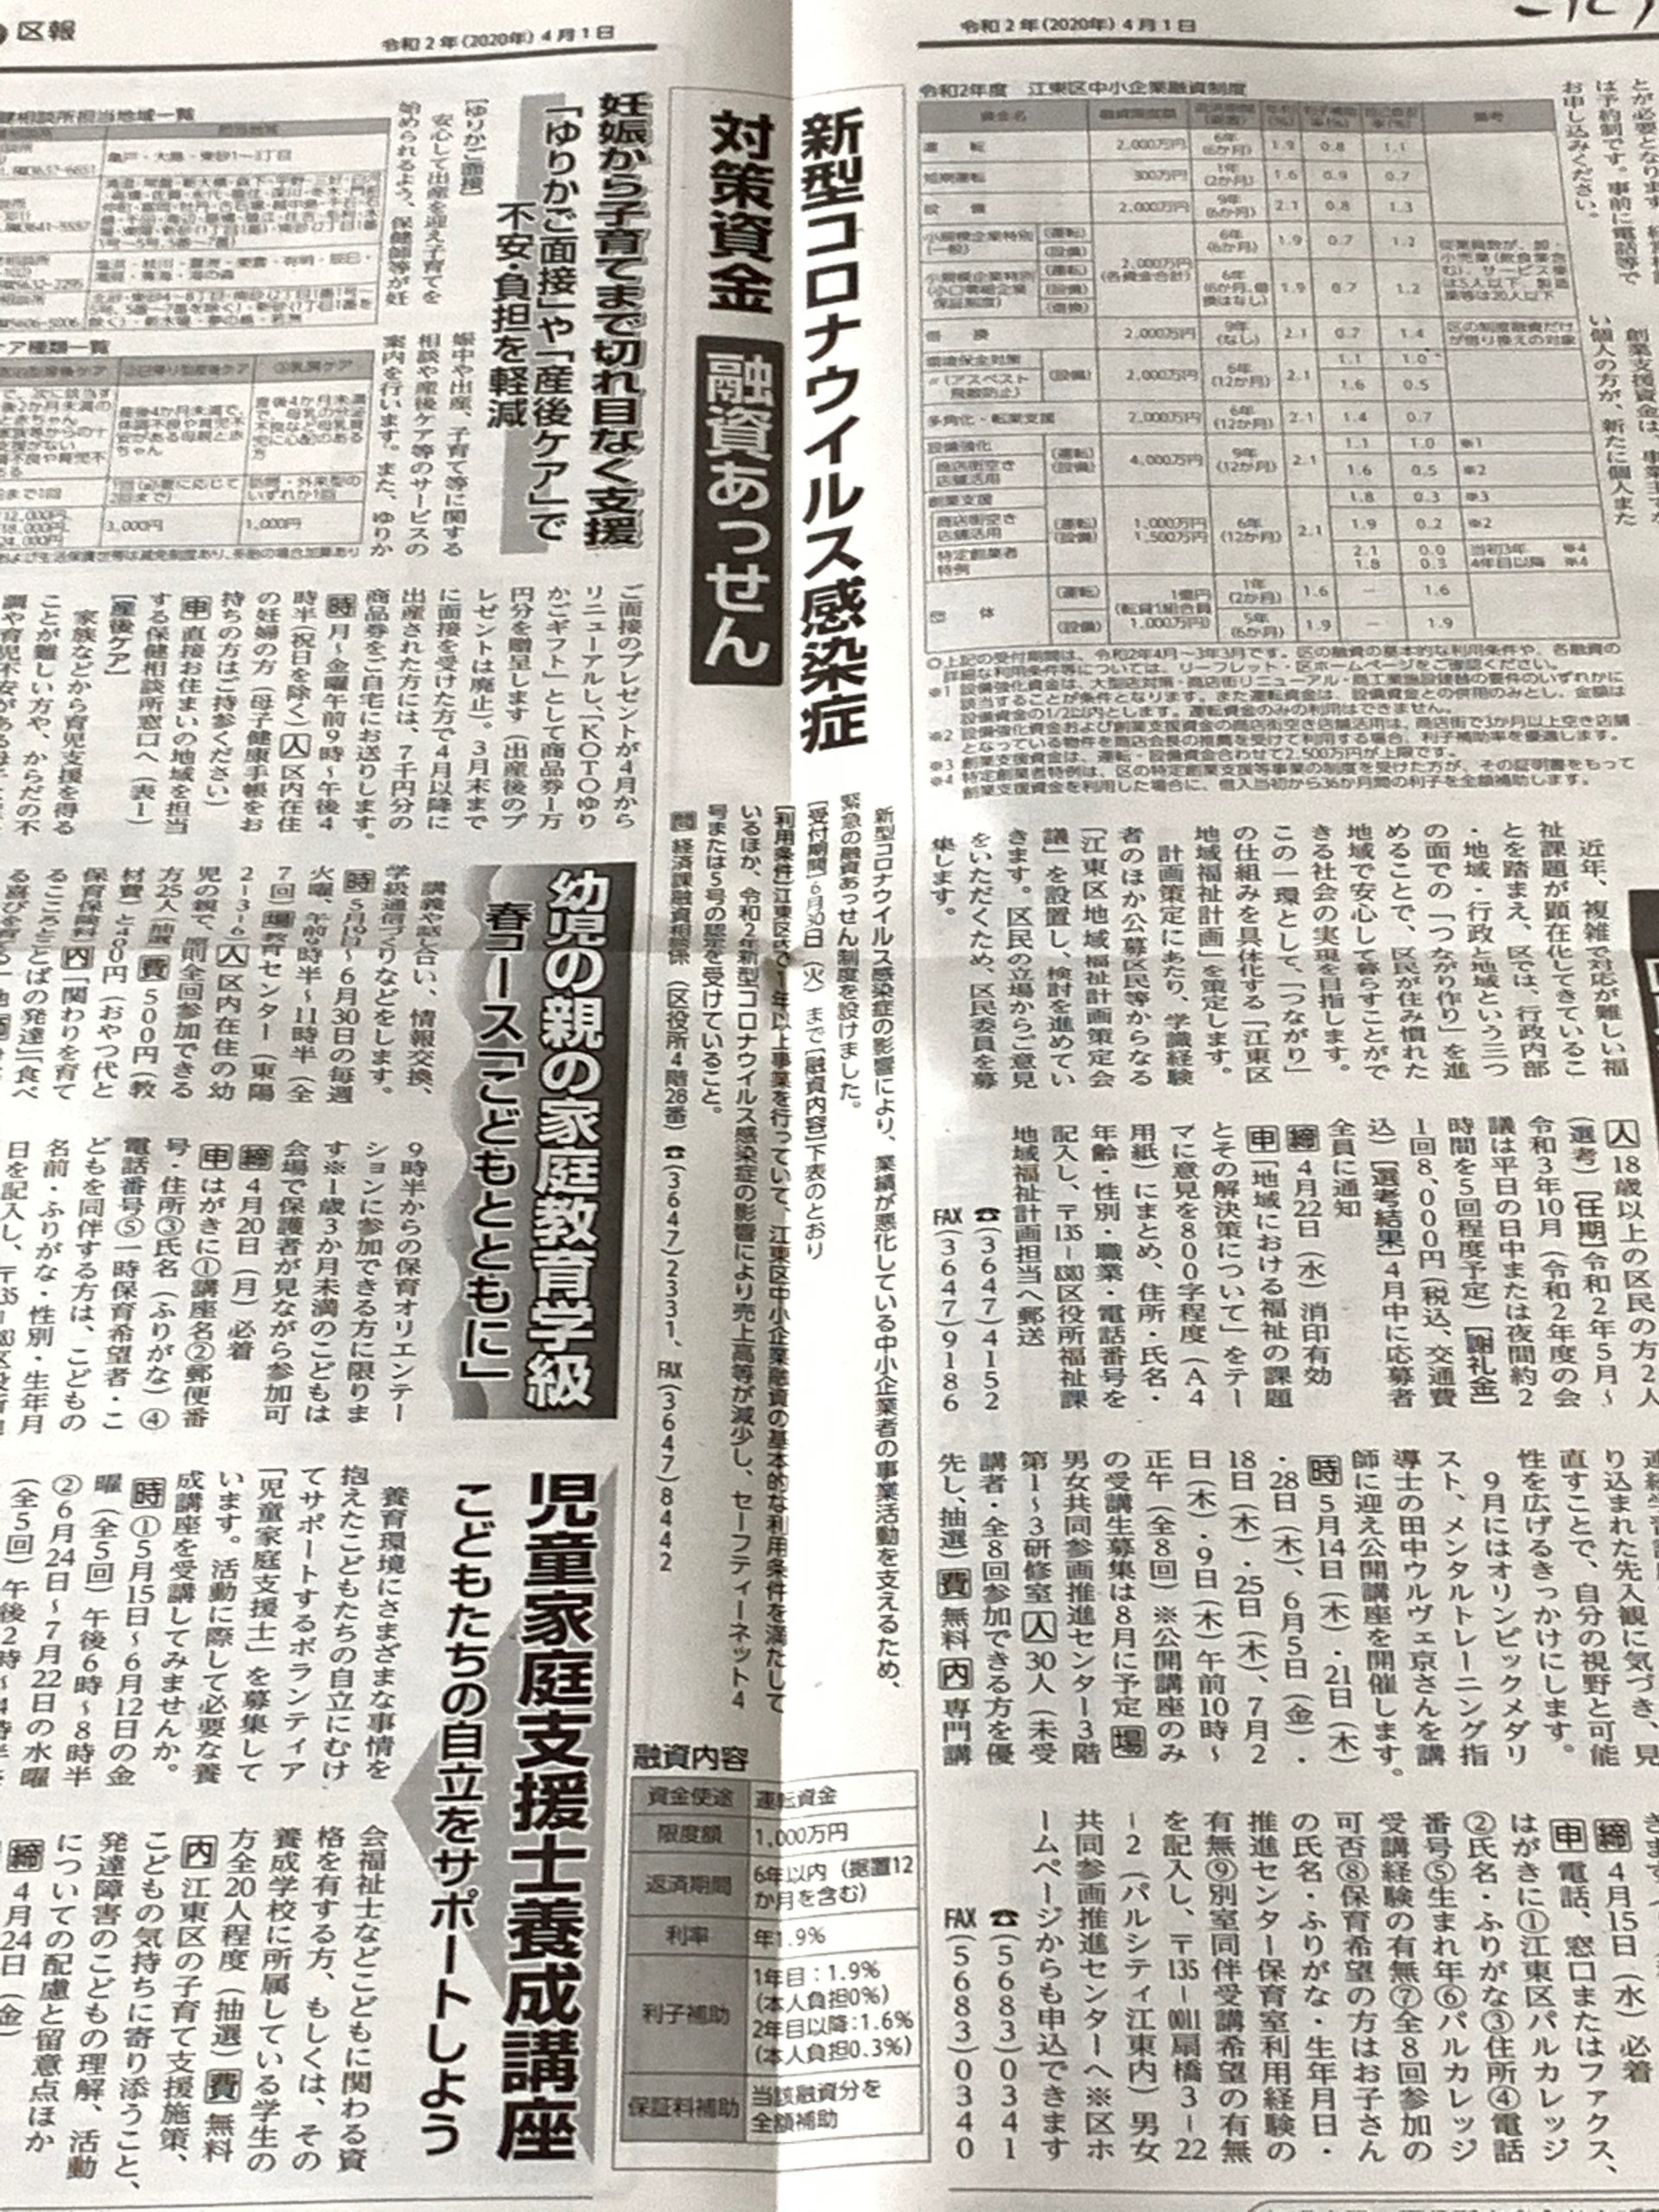 江東区の中小企業者様へ:江東区では、新型コロナウイルス感染症対策融資を実施しています